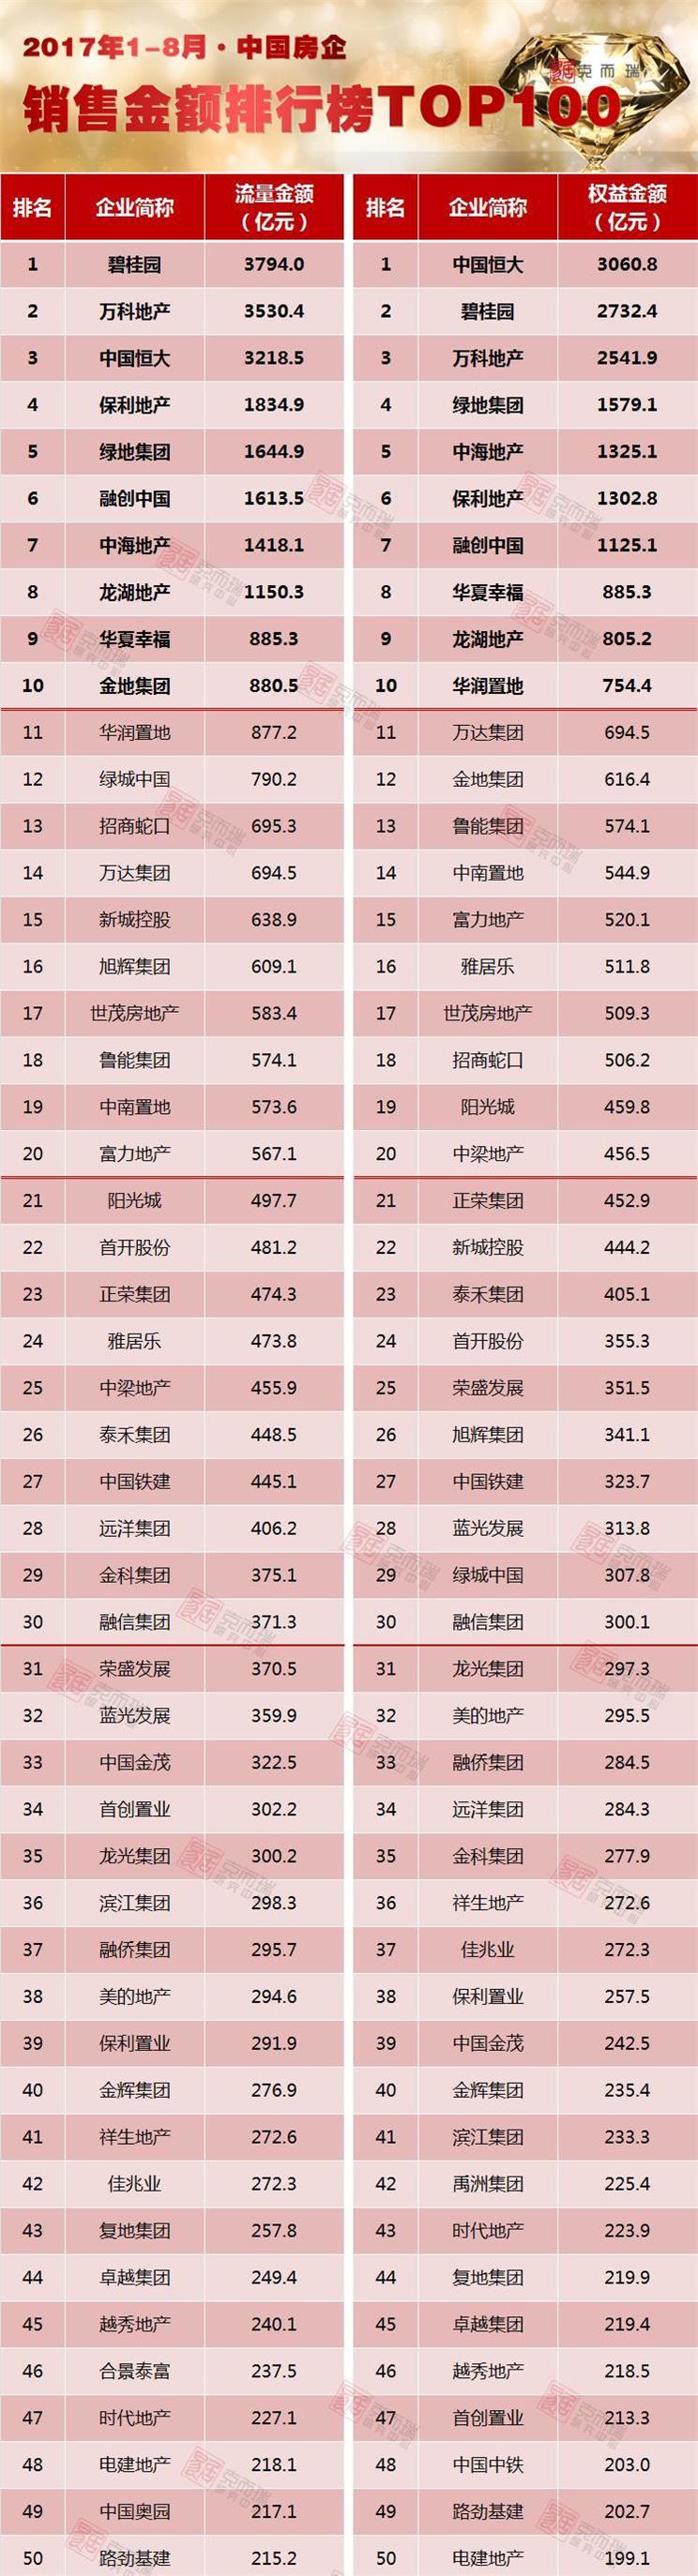 《2017年1-8月中国房地产企业销售TOP100》排行榜发布